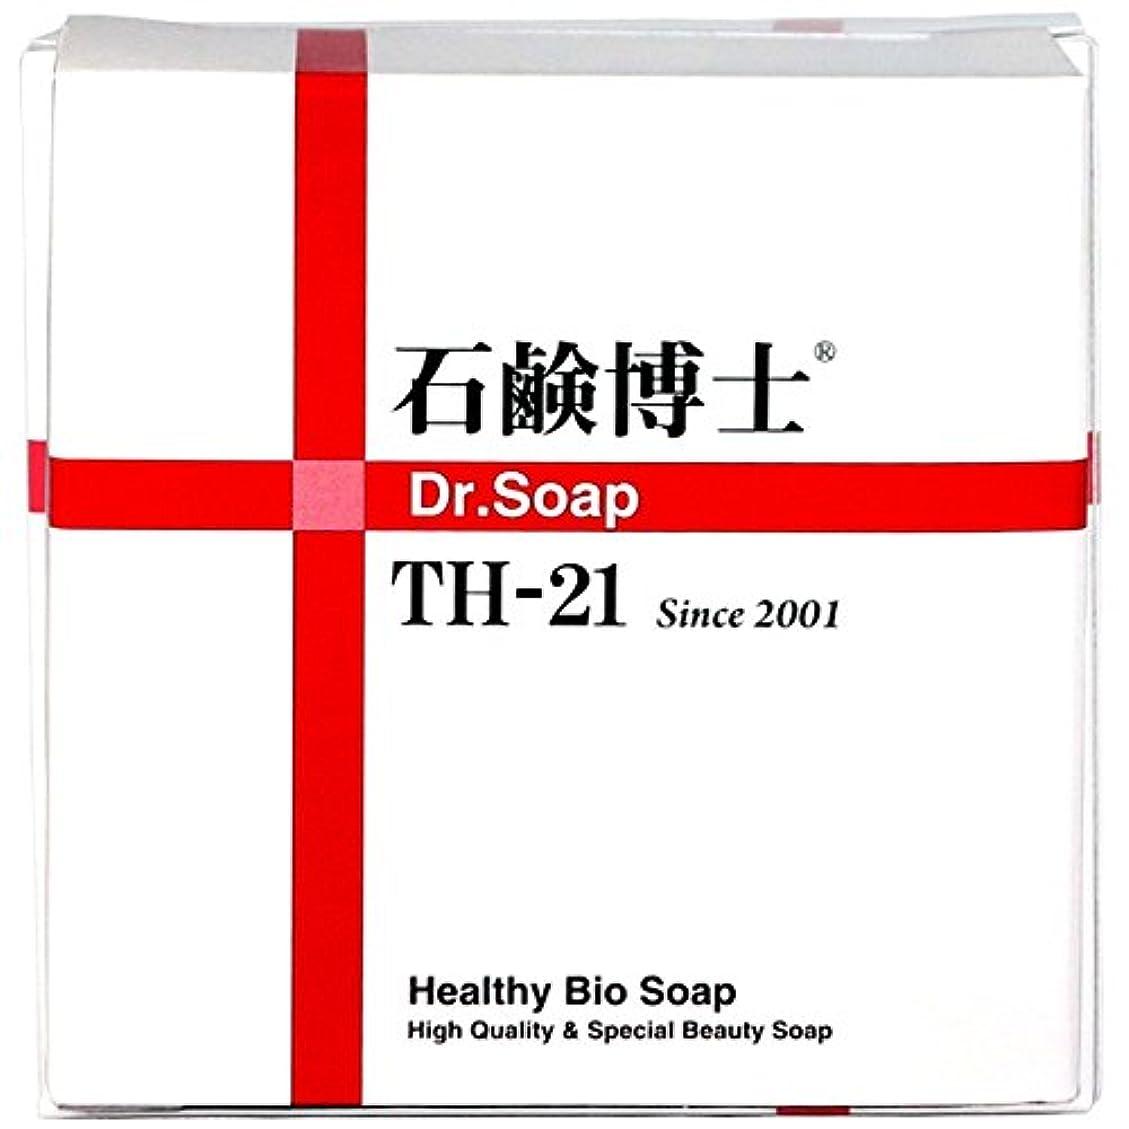 支給早めるギャラリーミネラルと分解酵素で洗顔しながらスキンケア 石鹸博士 DRソープ石鹸 Dr.Soap TH-21 100g